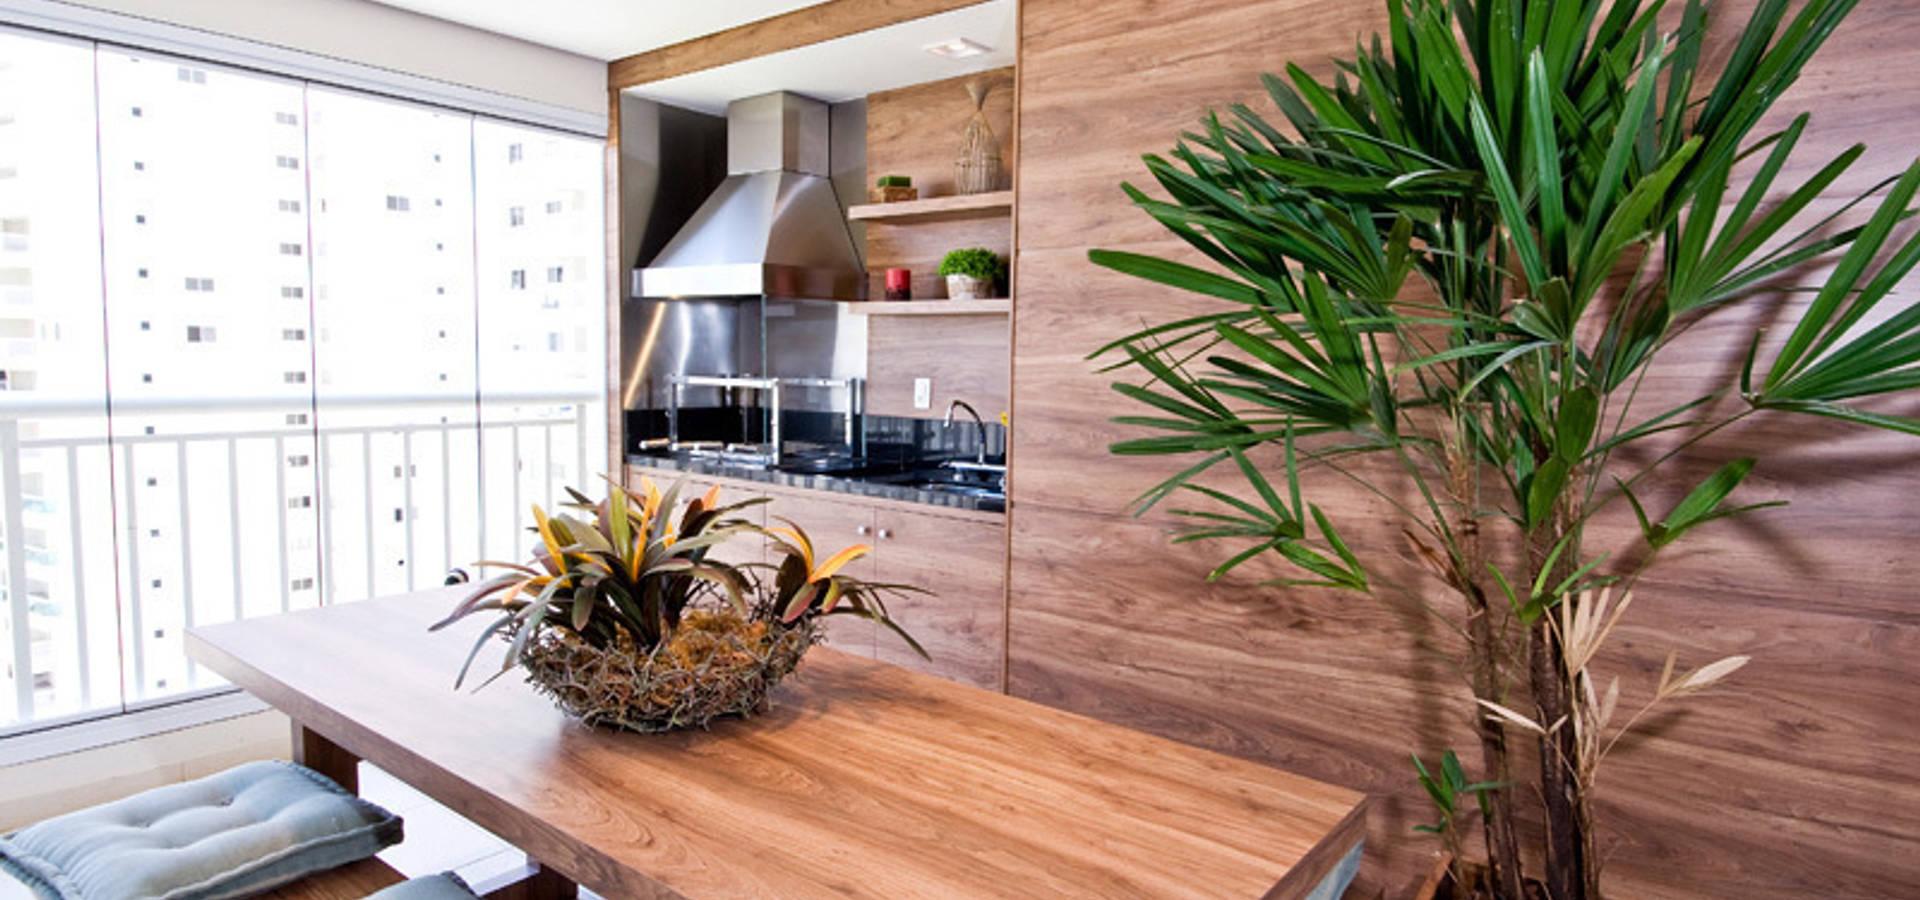 Cavalcante Ferraz Arquitetura / Design